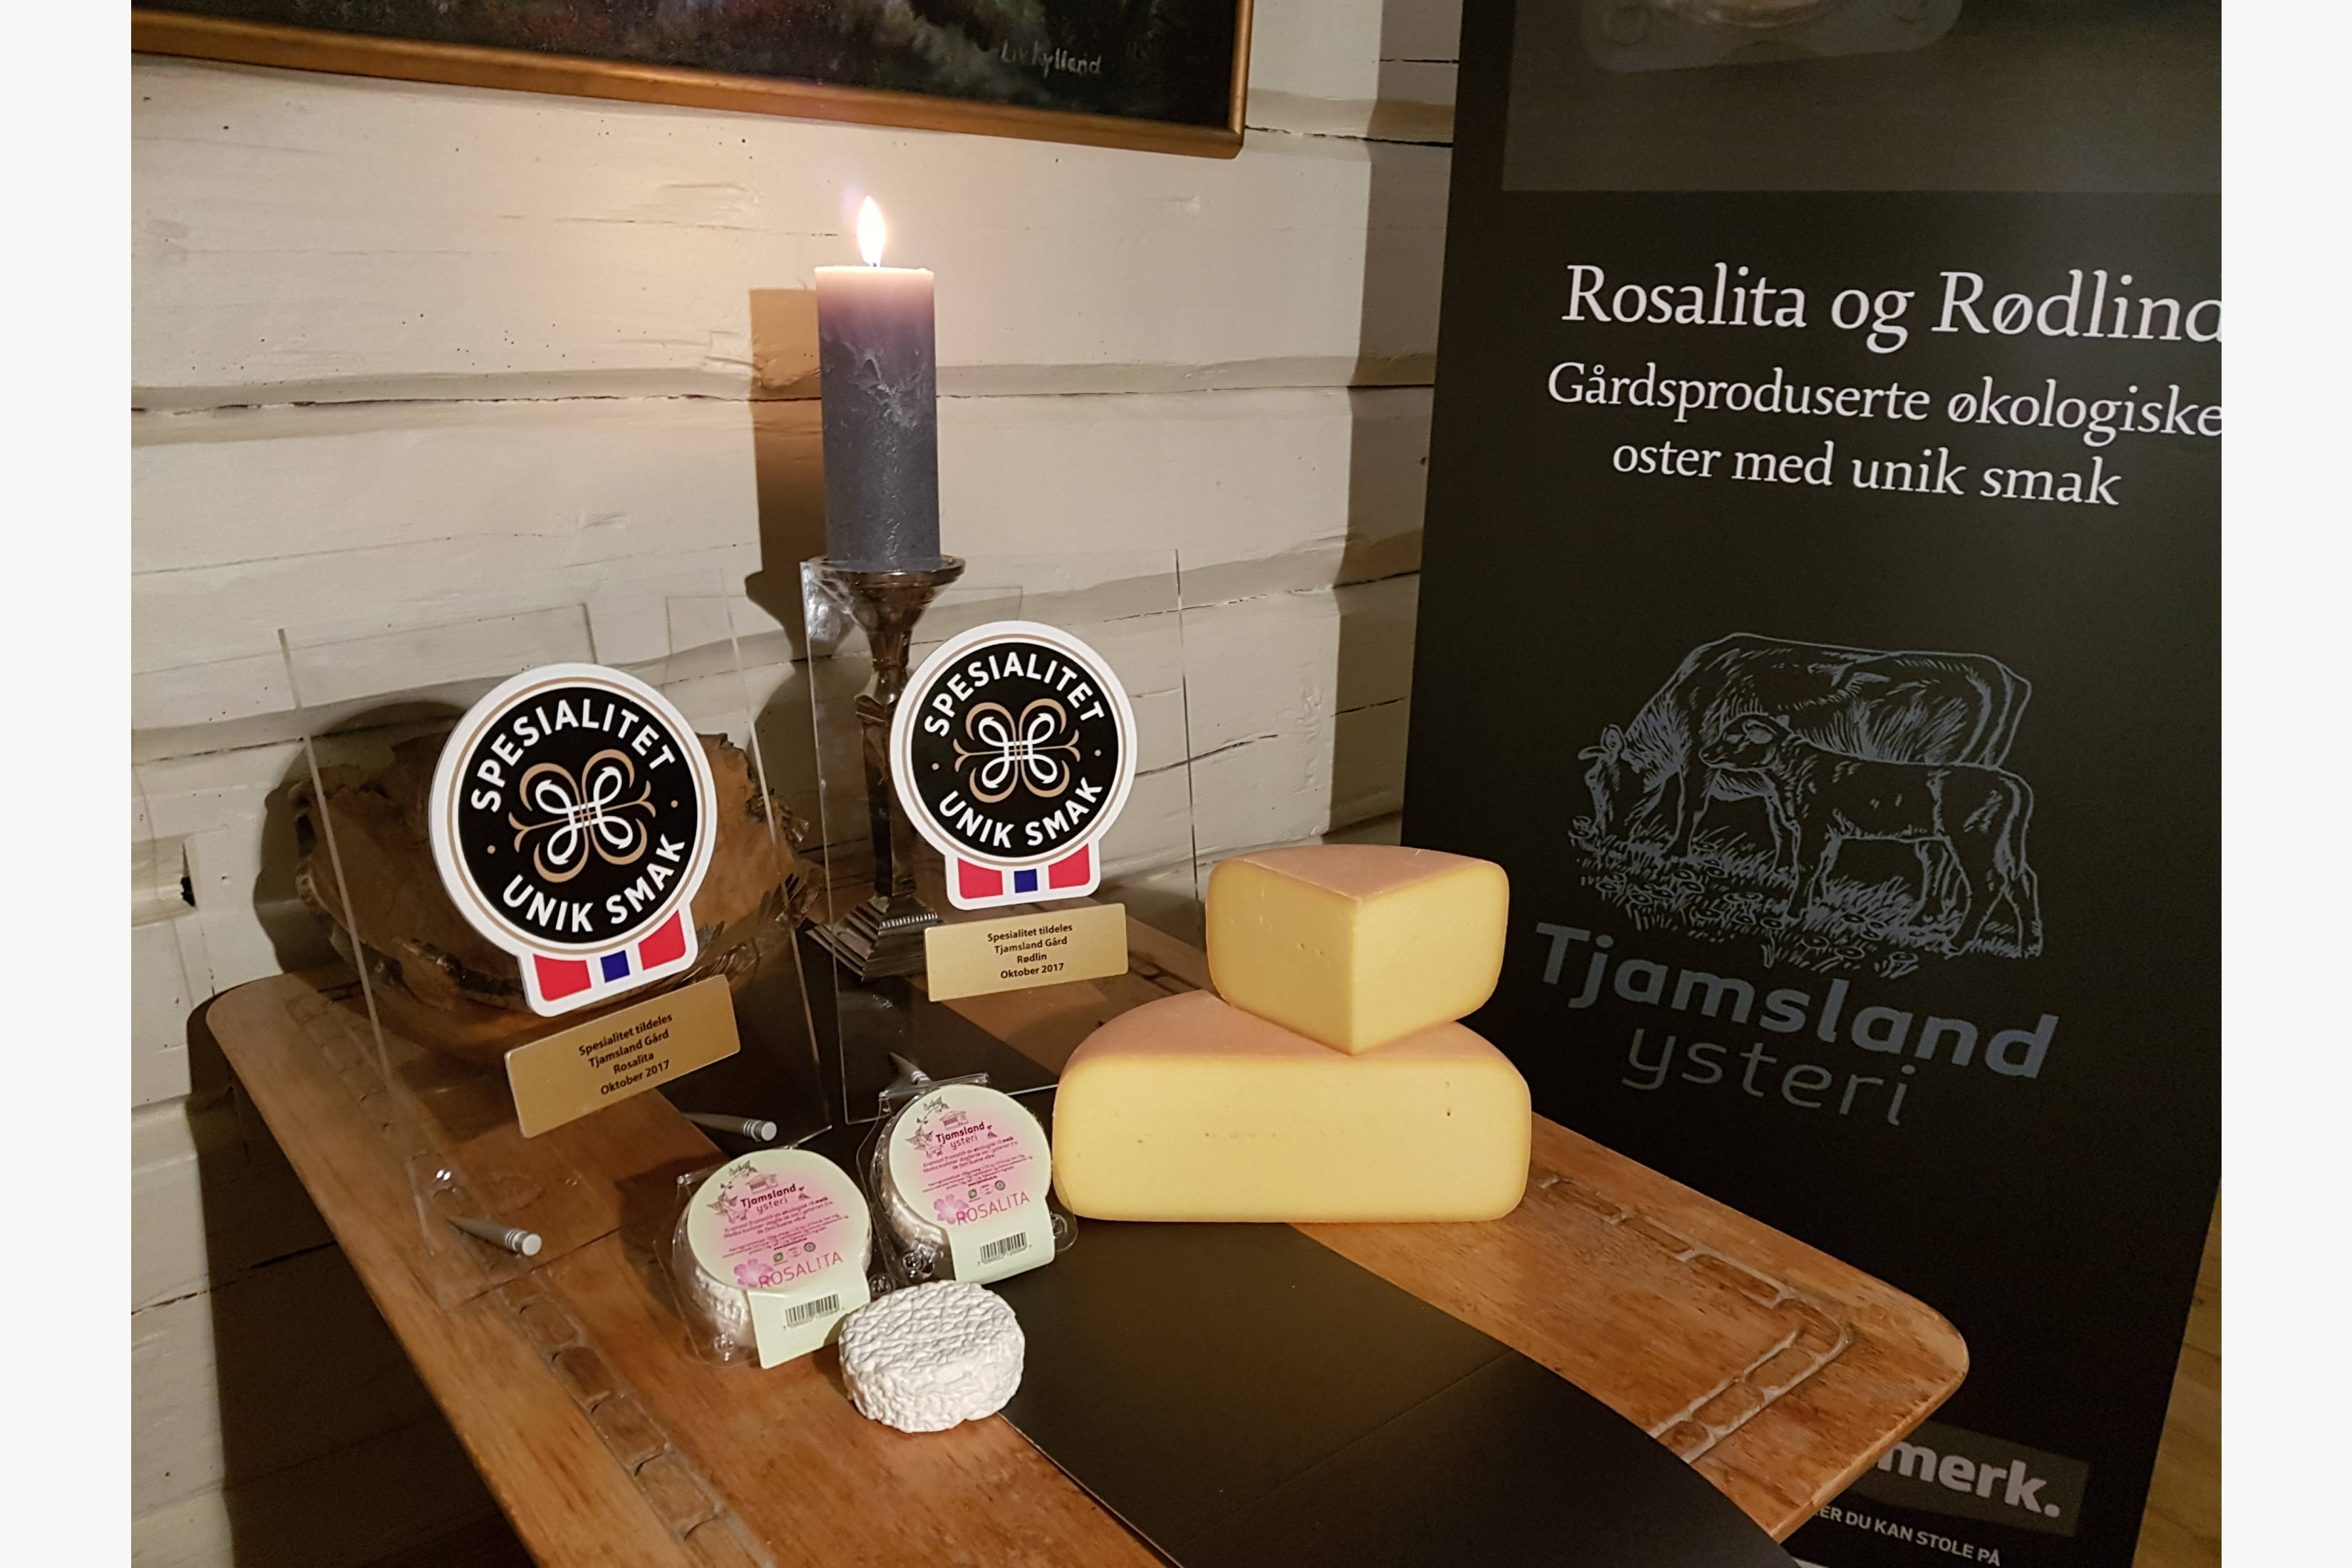 Spesialitetsmerket ost